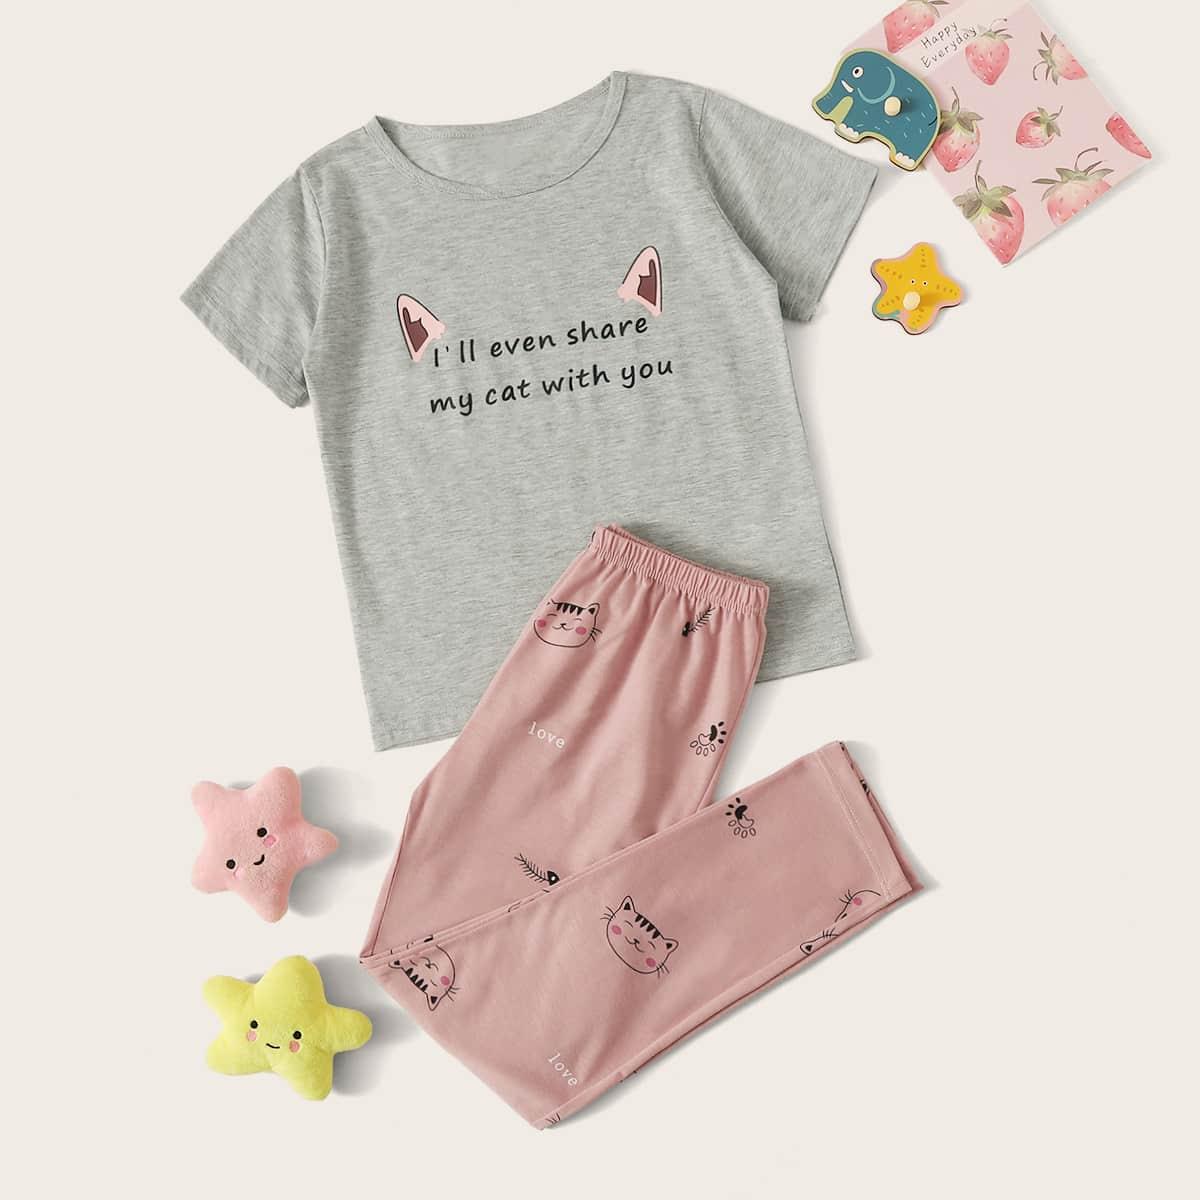 Пижама с текстовым и мультяшным принтом для девочек